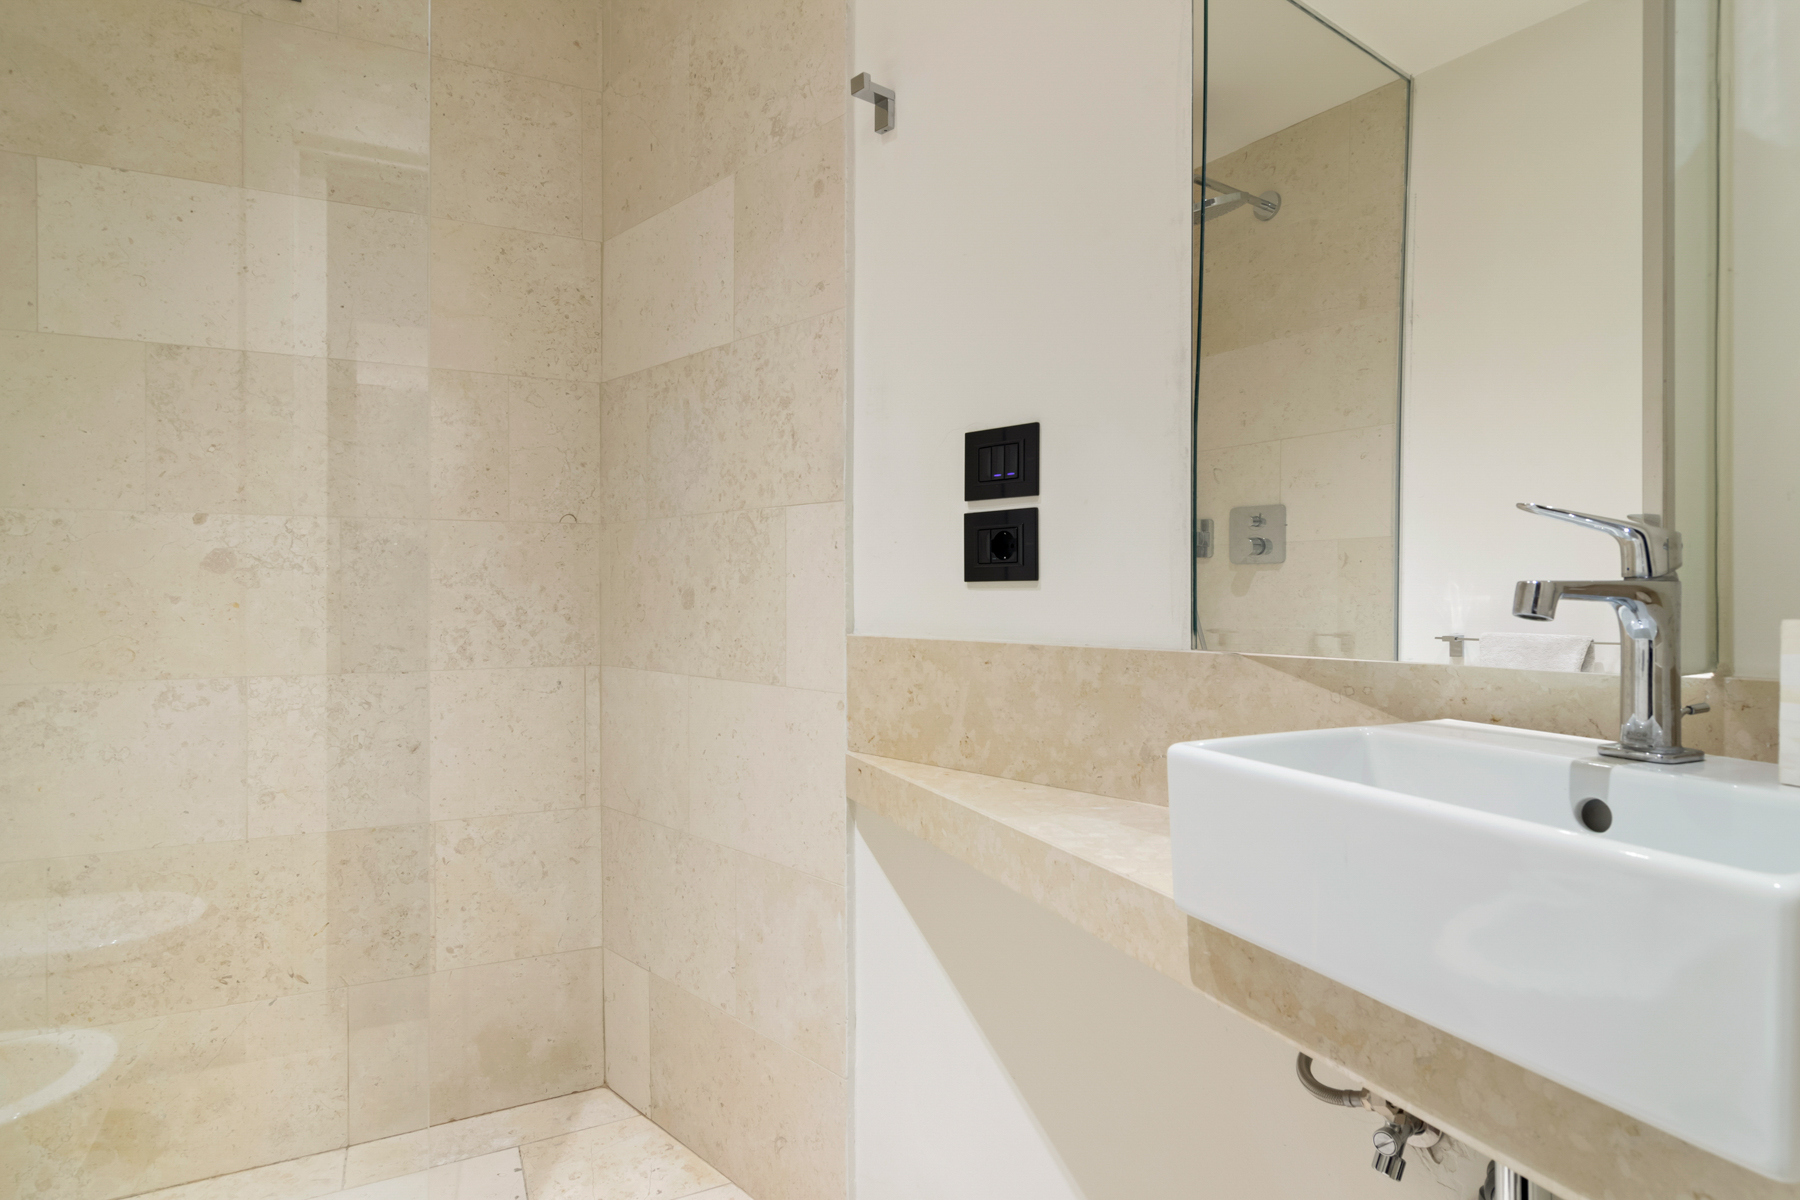 Appartamento in Vendita a Santa Margherita Ligure: 4 locali, 124 mq - Foto 10